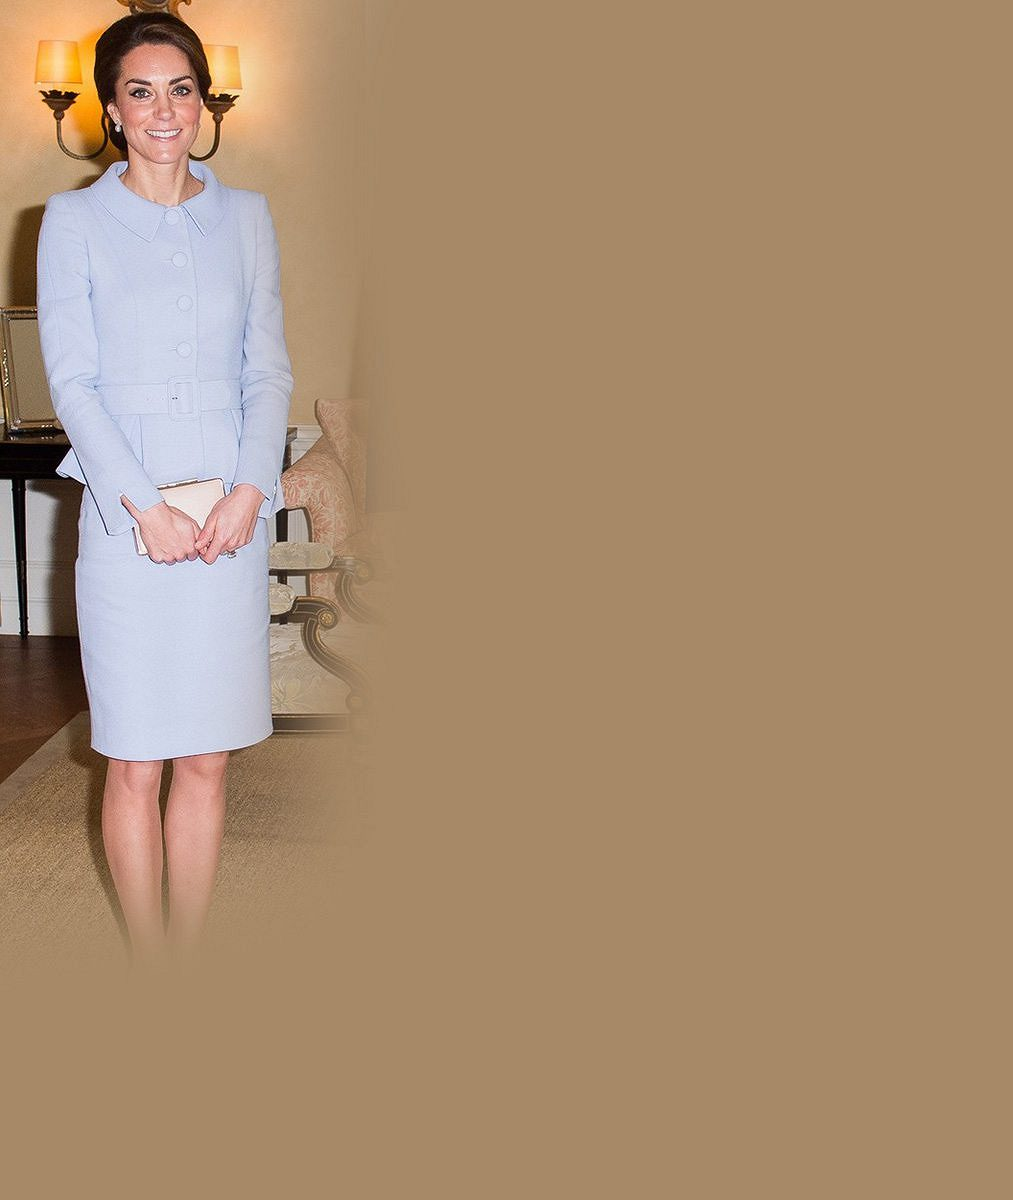 Vévodkyně Kate zariskovala v šatech s pořádným rozparkem. V kinosále byla ale jako kůl v plotě